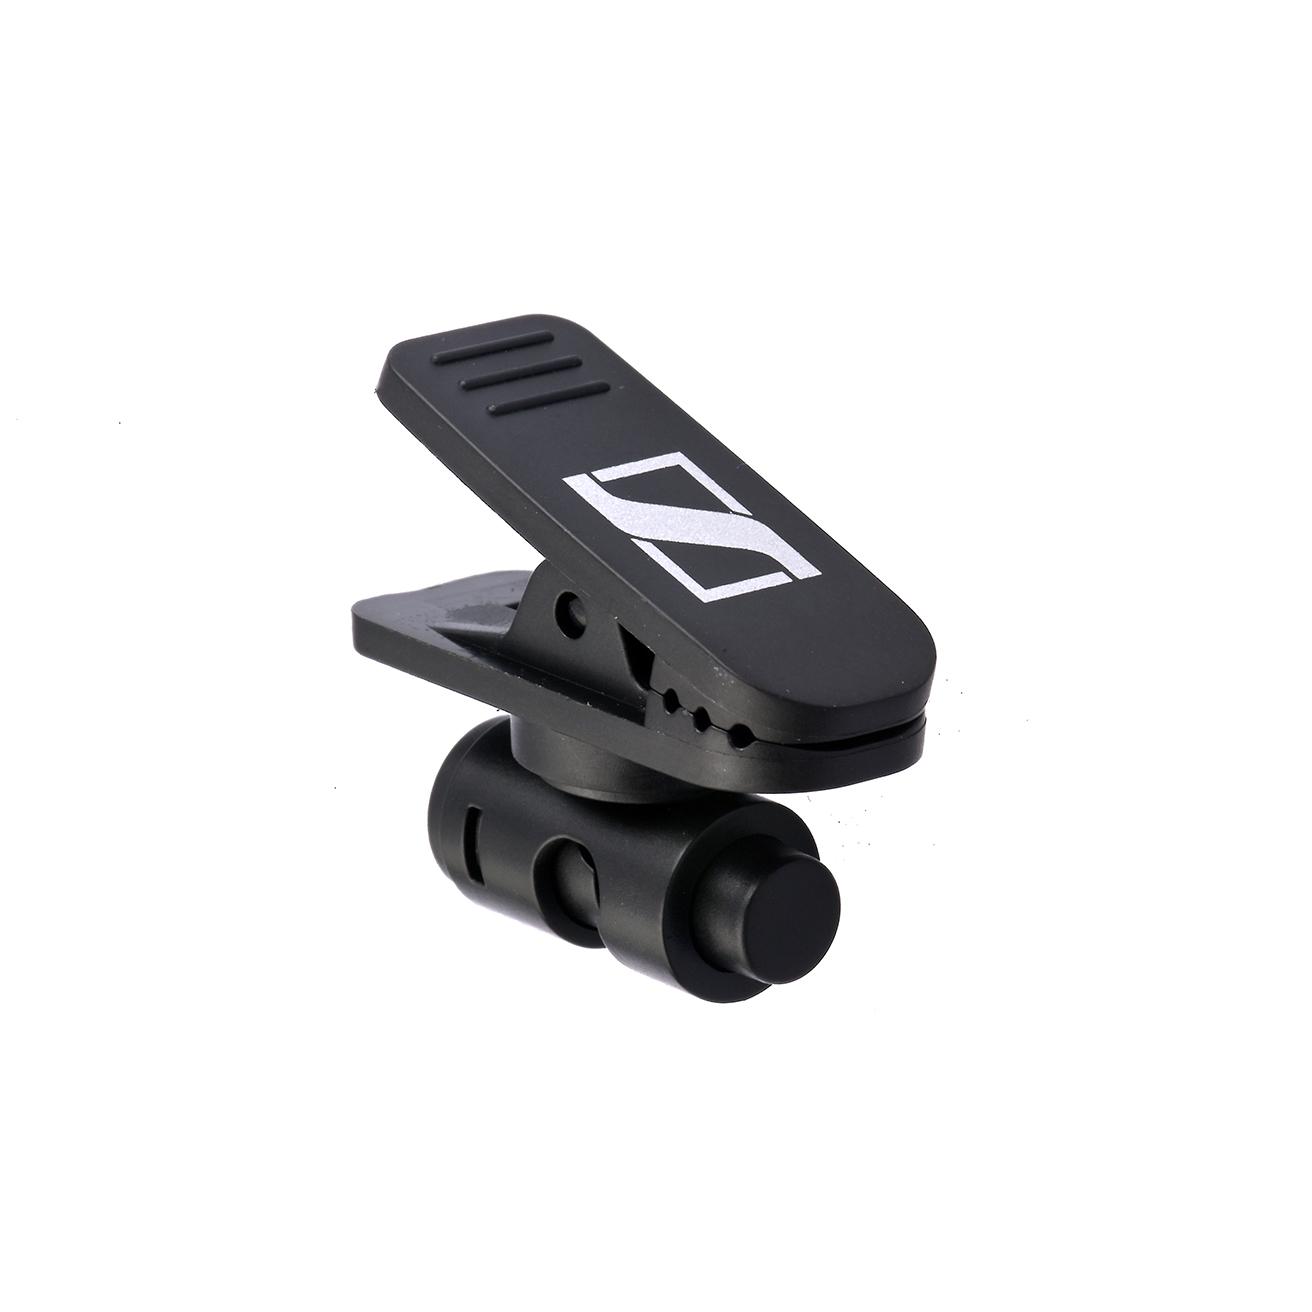 Cable clip HZC 08